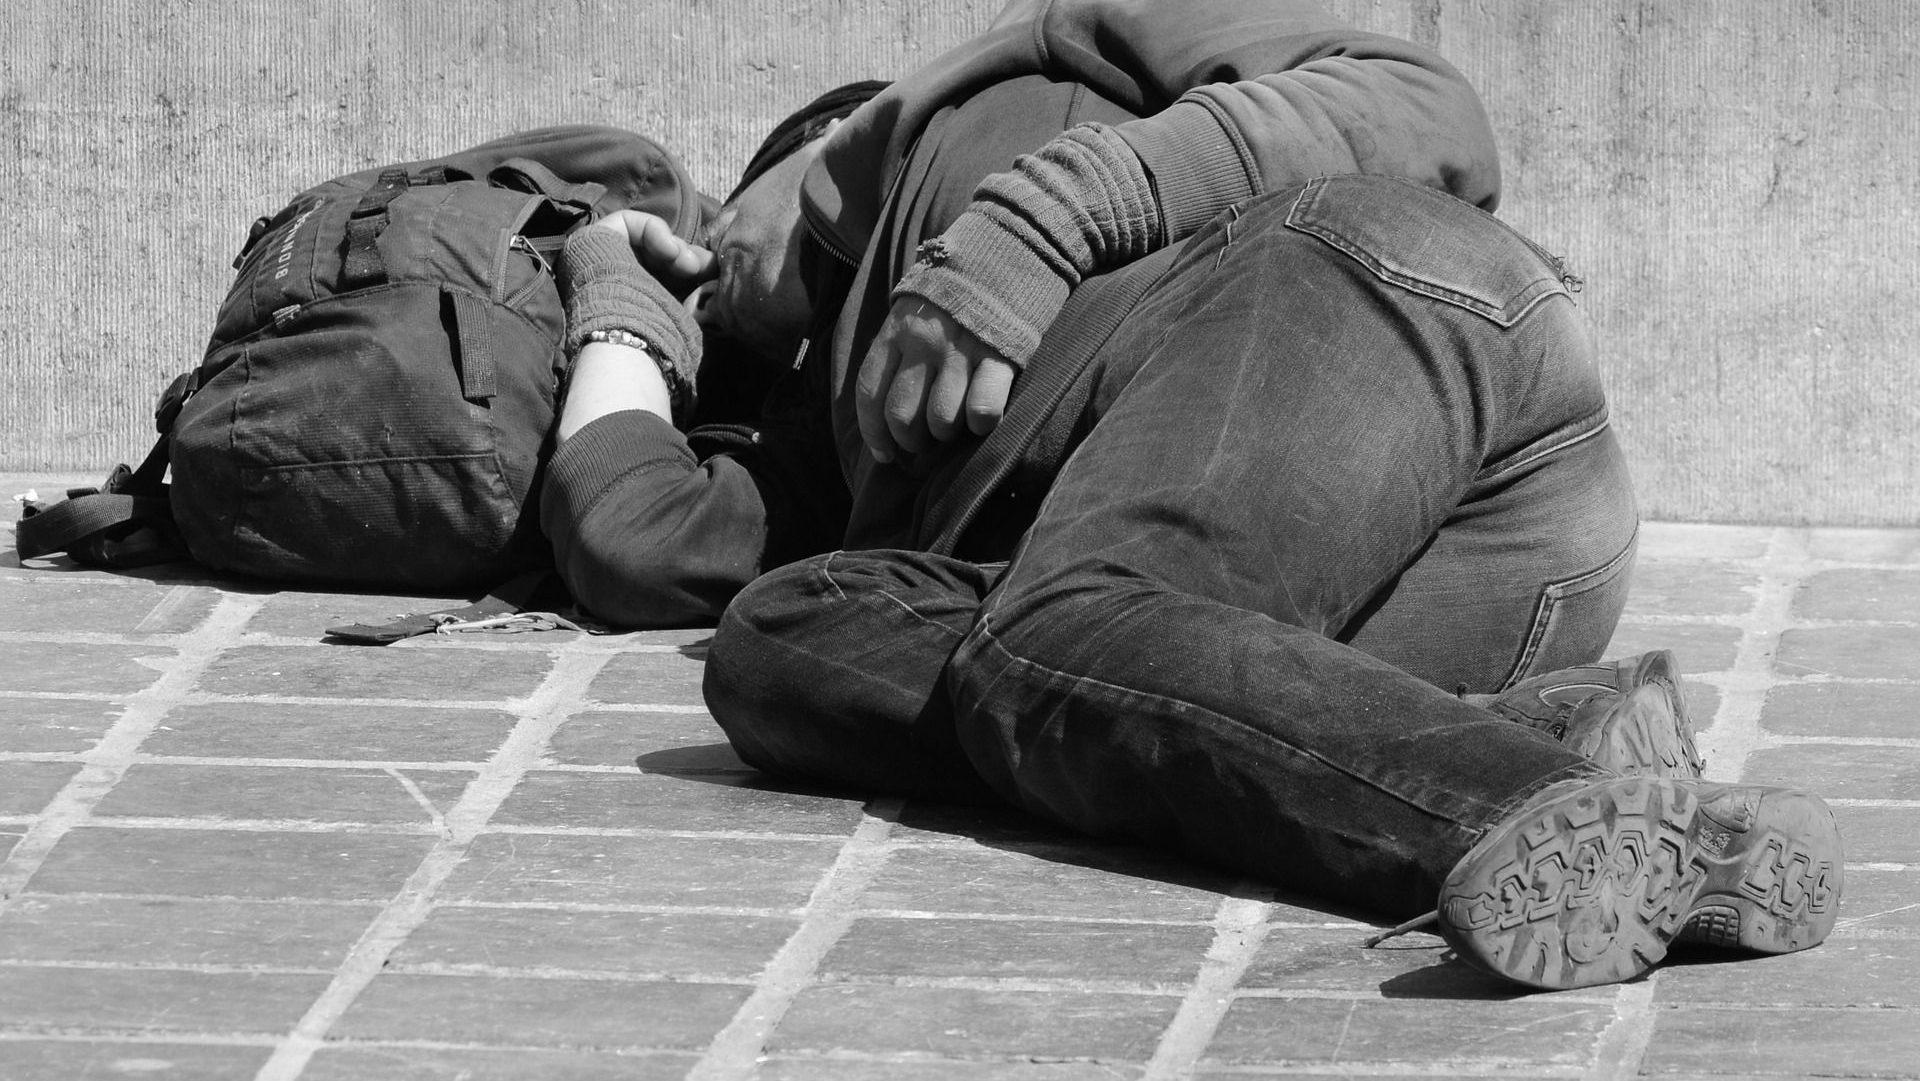 Gdańsk: Widząc osobę bezdomną – reaguj